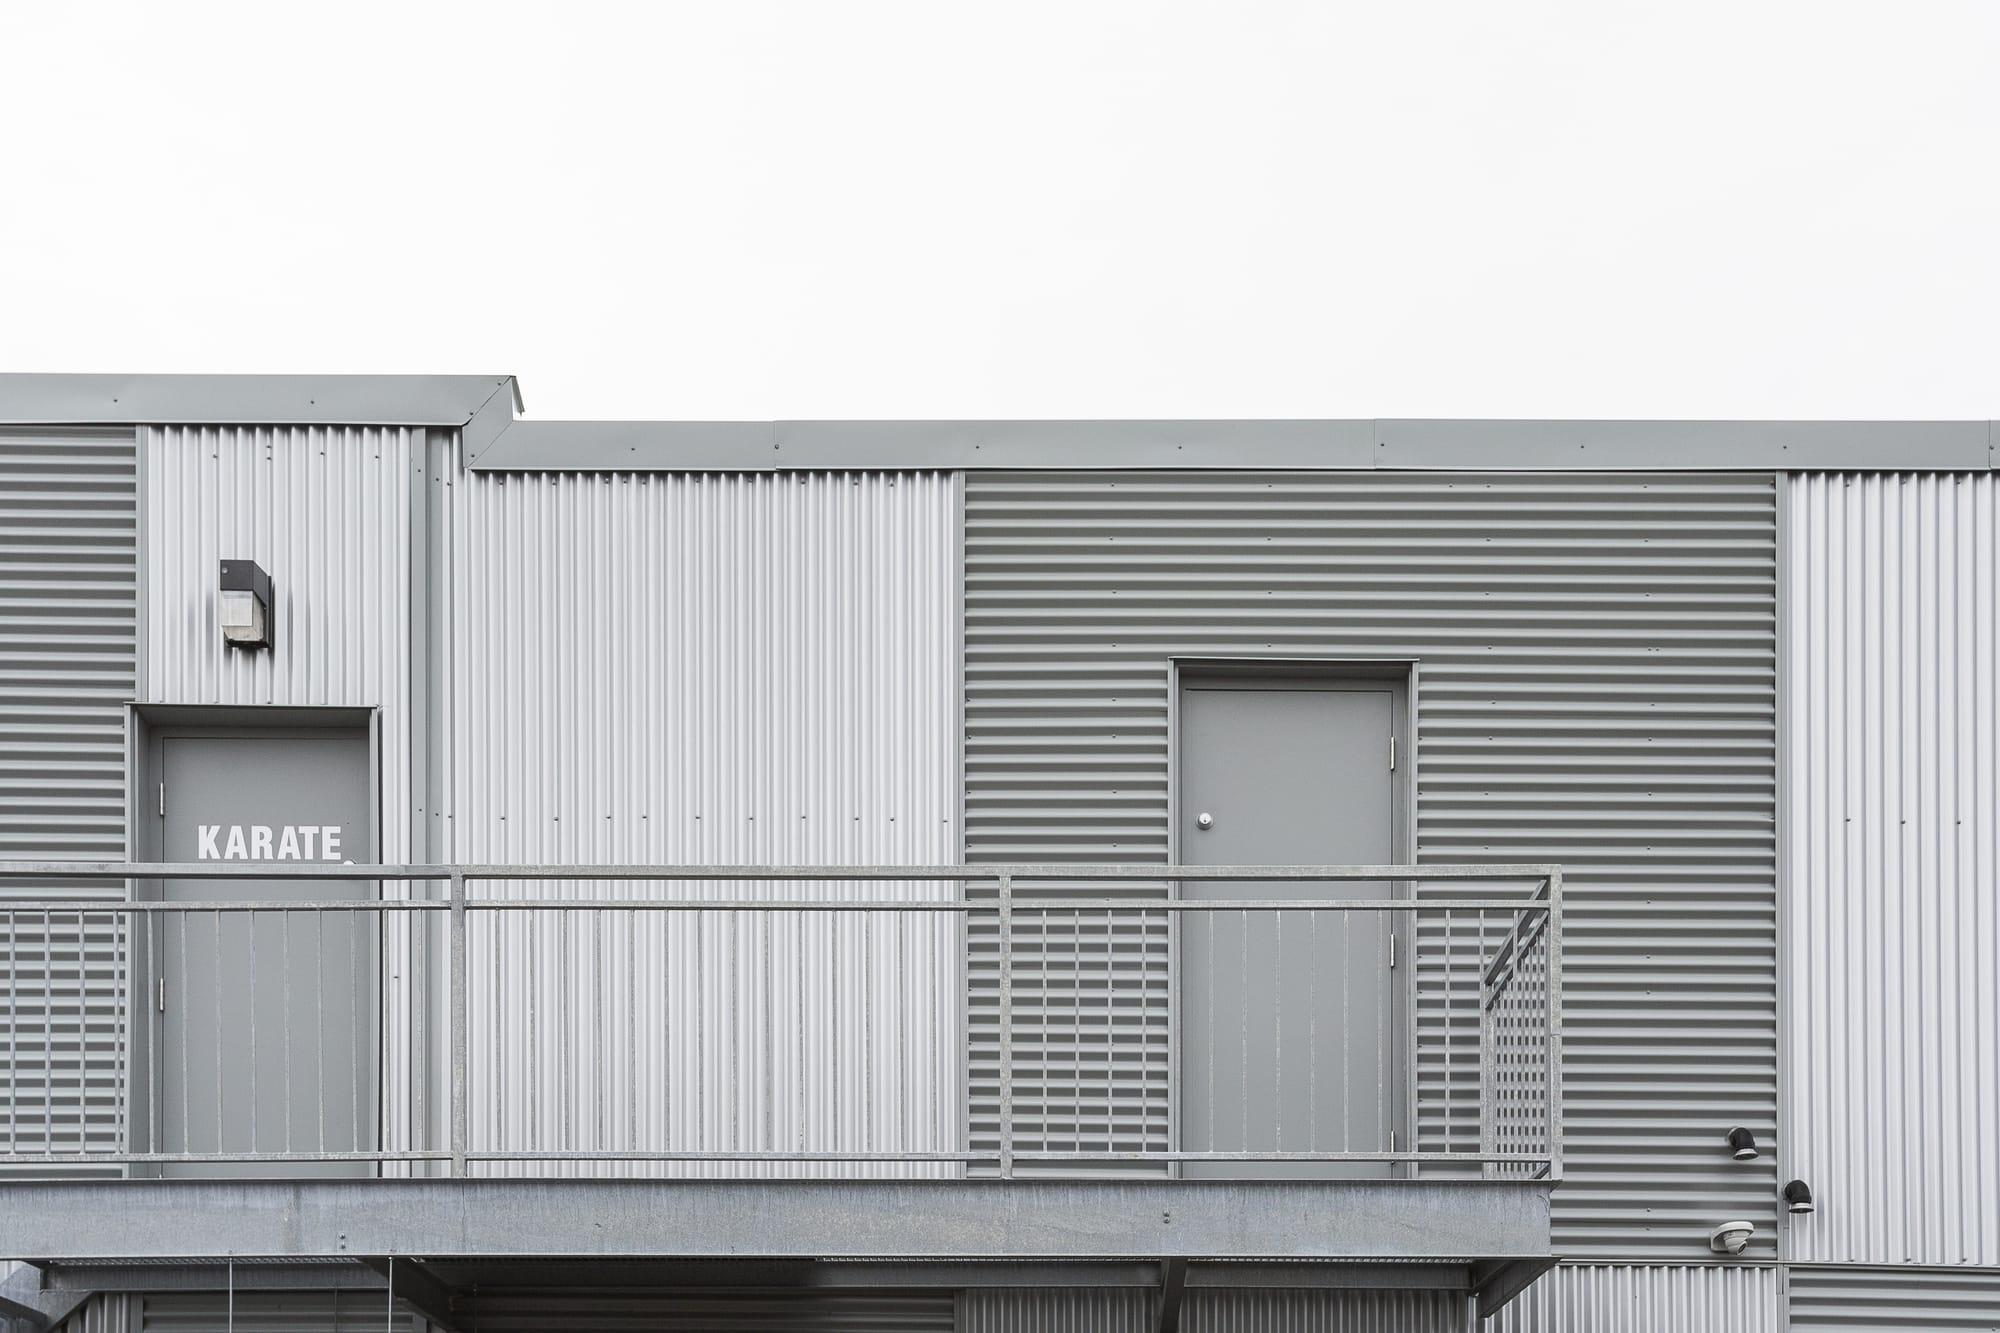 portes d'acier avec balcon - arrière bâtisse commerciale